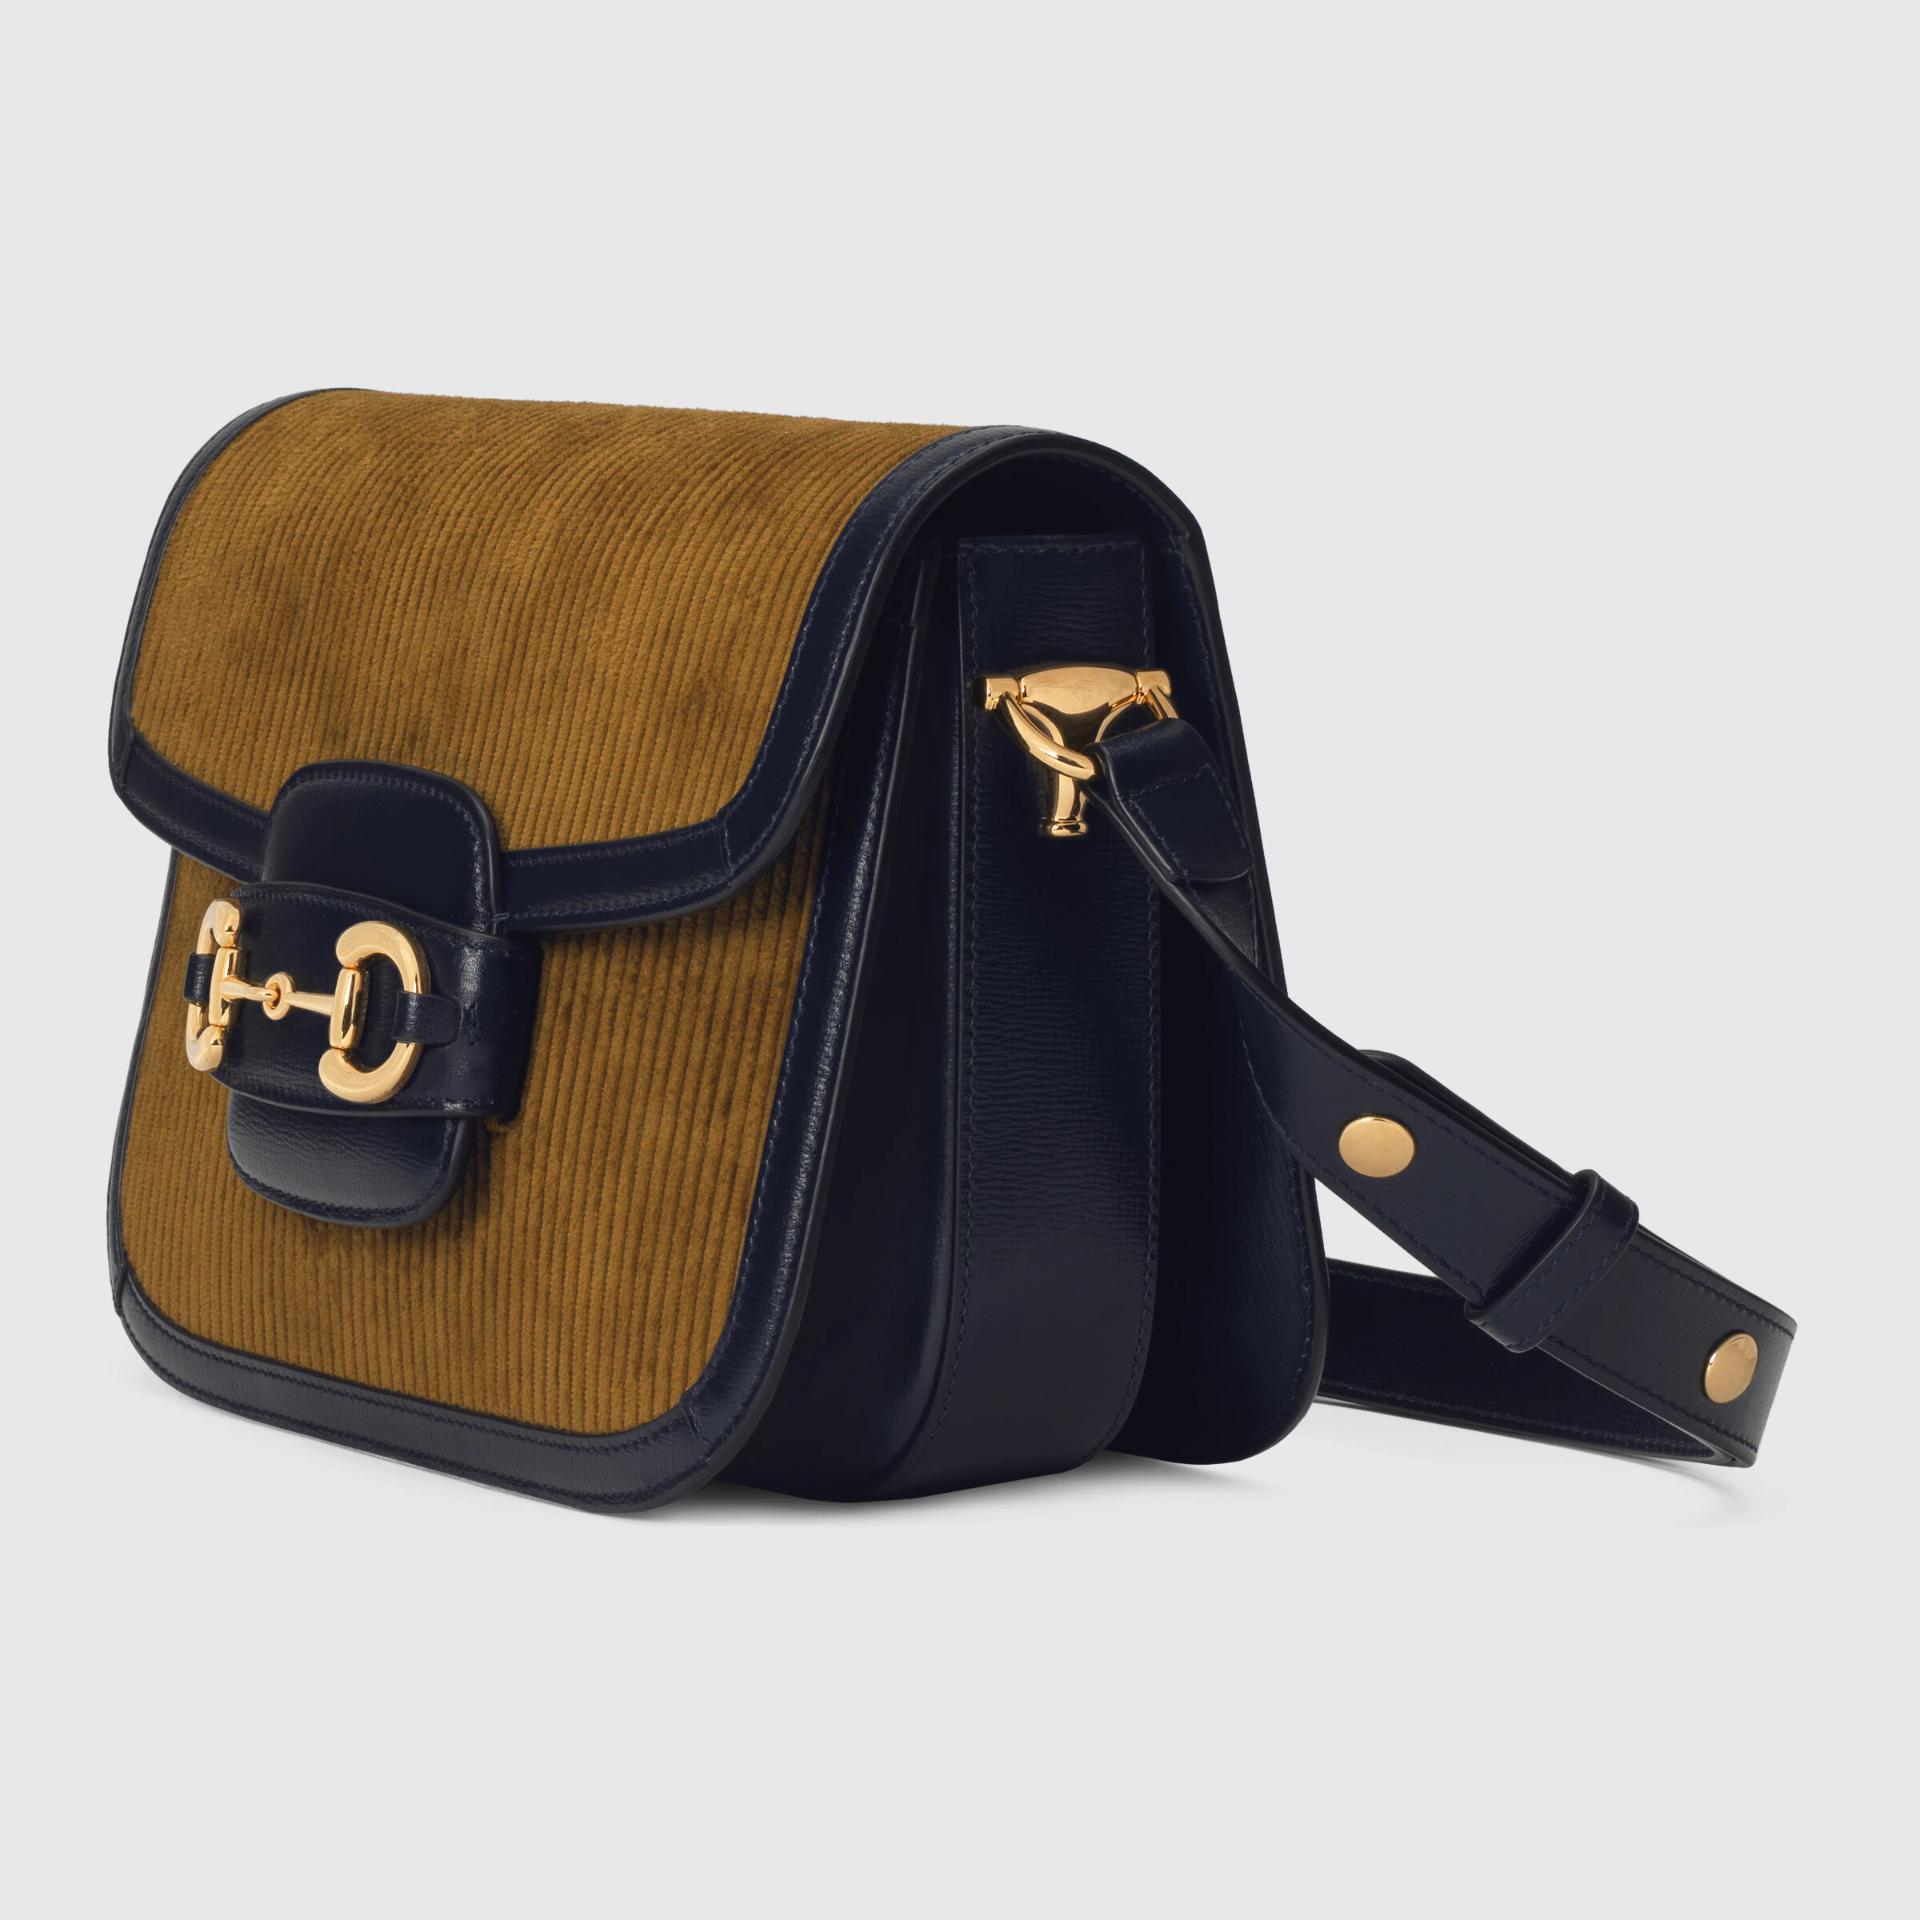 유럽직배송 구찌 GUCCI Gucci - Gucci Horsebit 1955 small bag 6022042S8AG2860